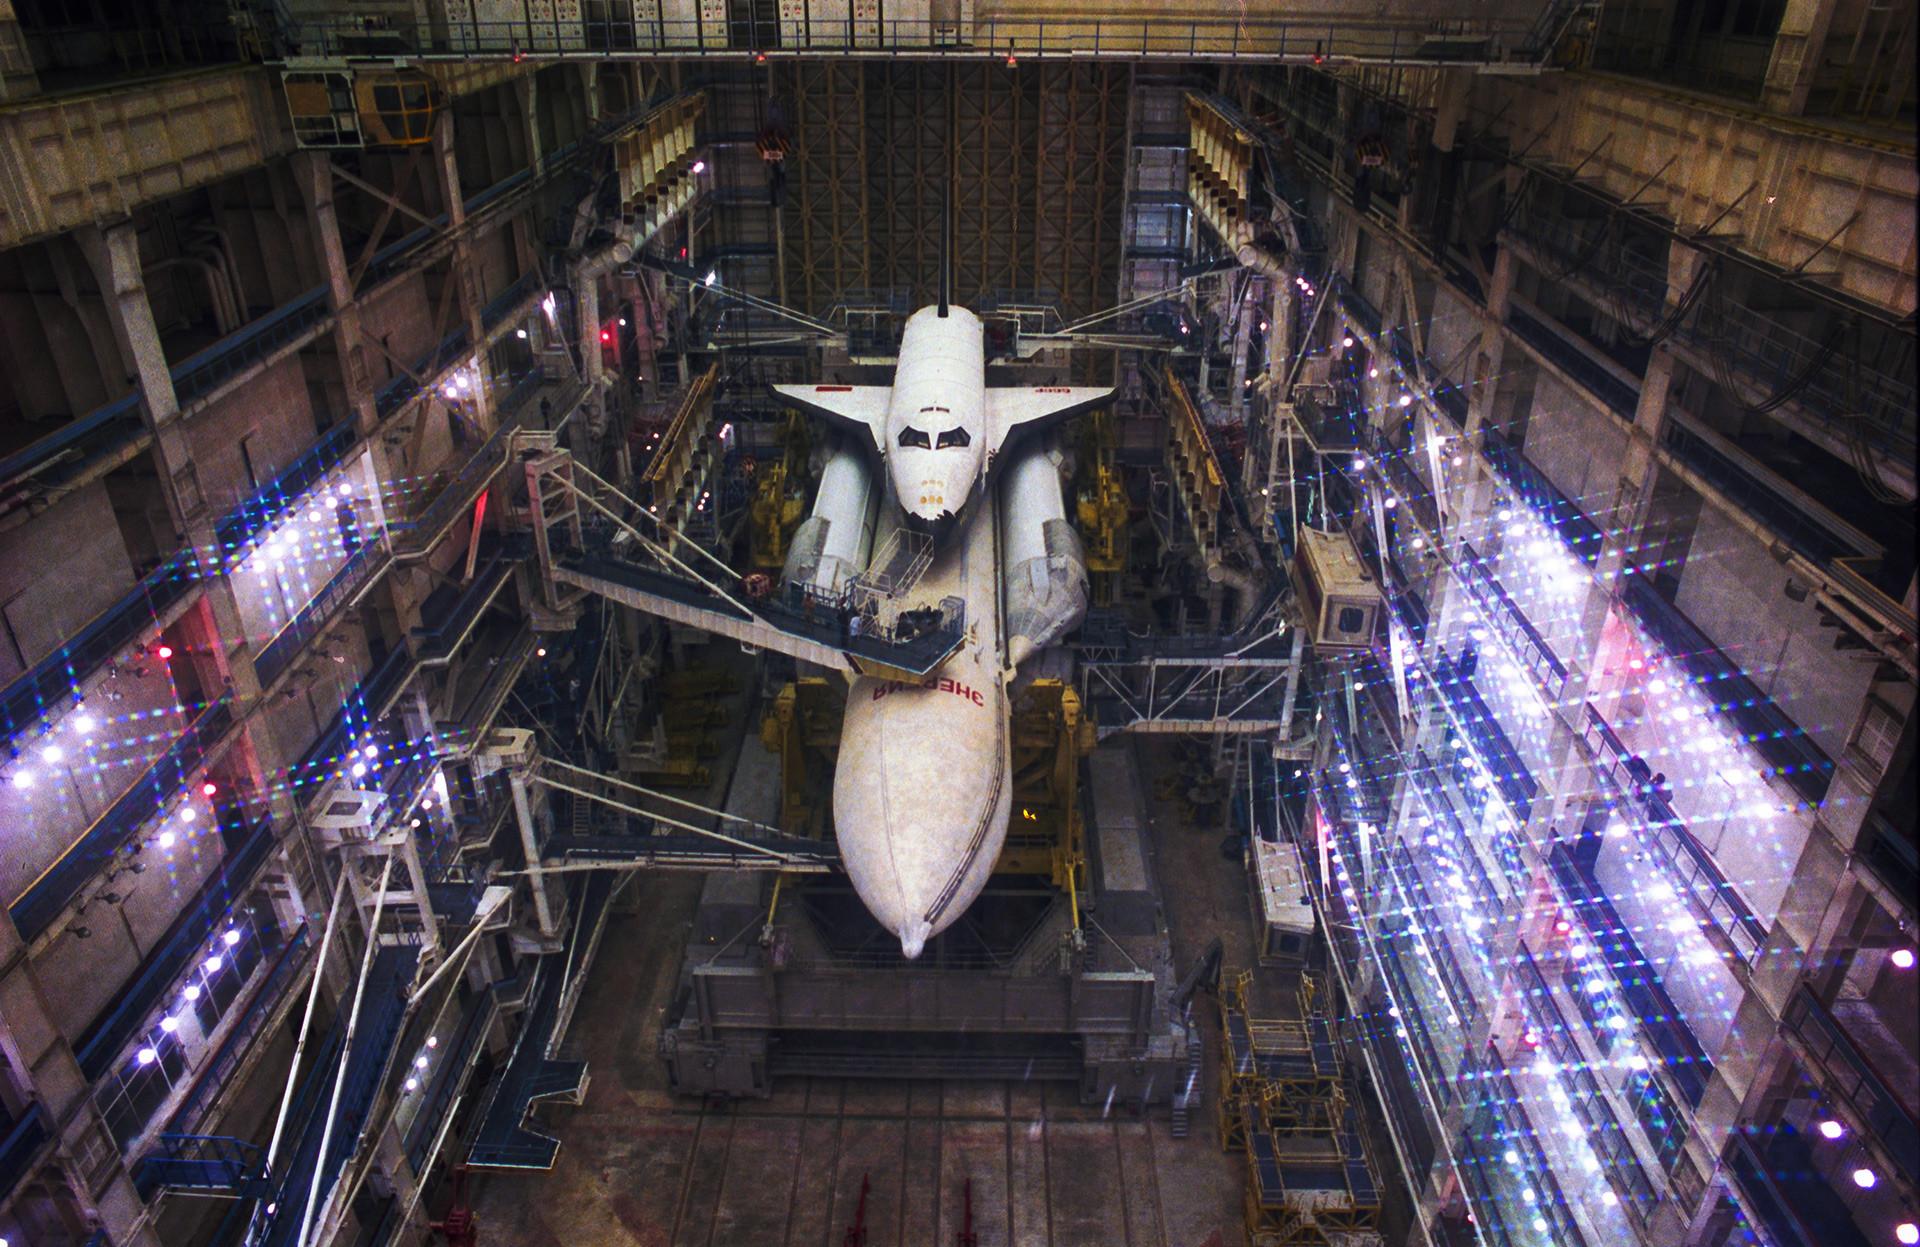 """Универзални ракетно-космички транспортни систем """"Енергија"""" са орбиталним бродом за вишеструко коришћење """"Буран"""" у монтажној хали."""